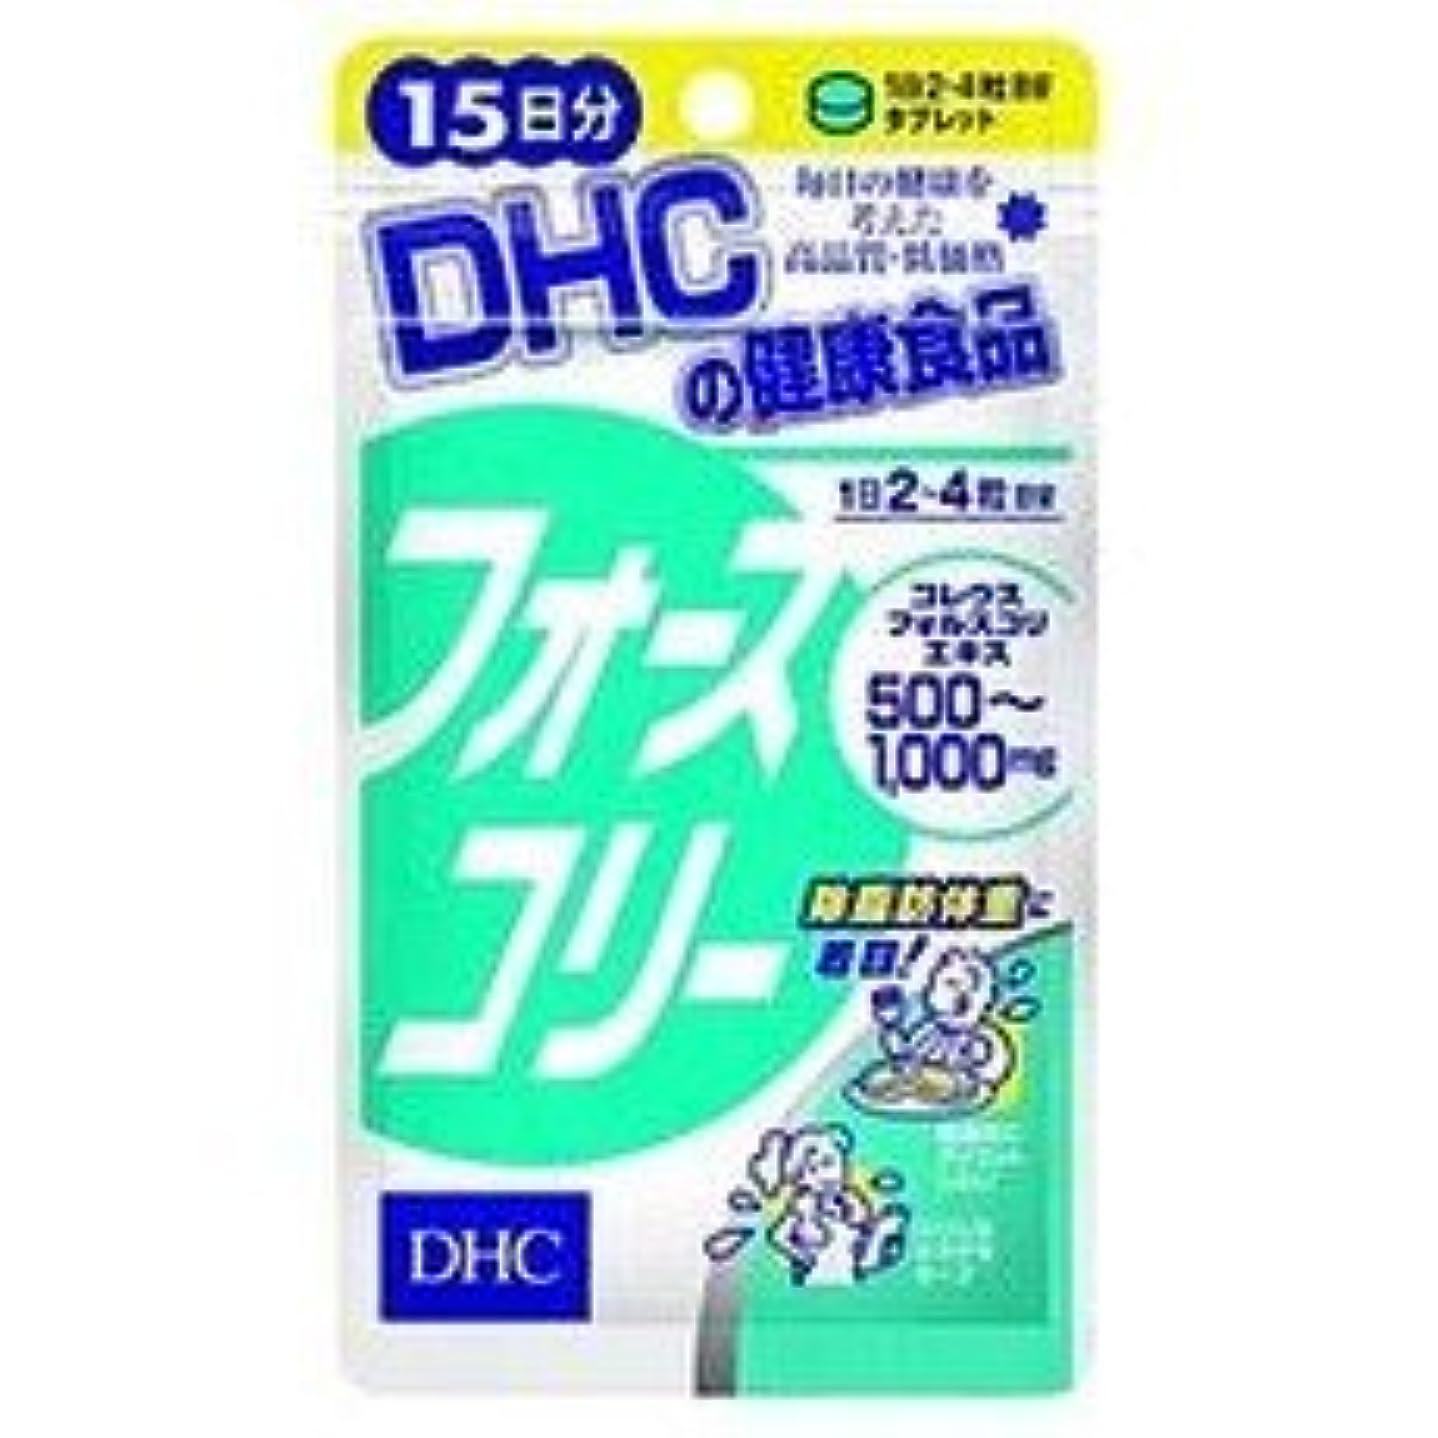 ラジカル彫る喉頭DHC フォースコリー 15日分 60粒